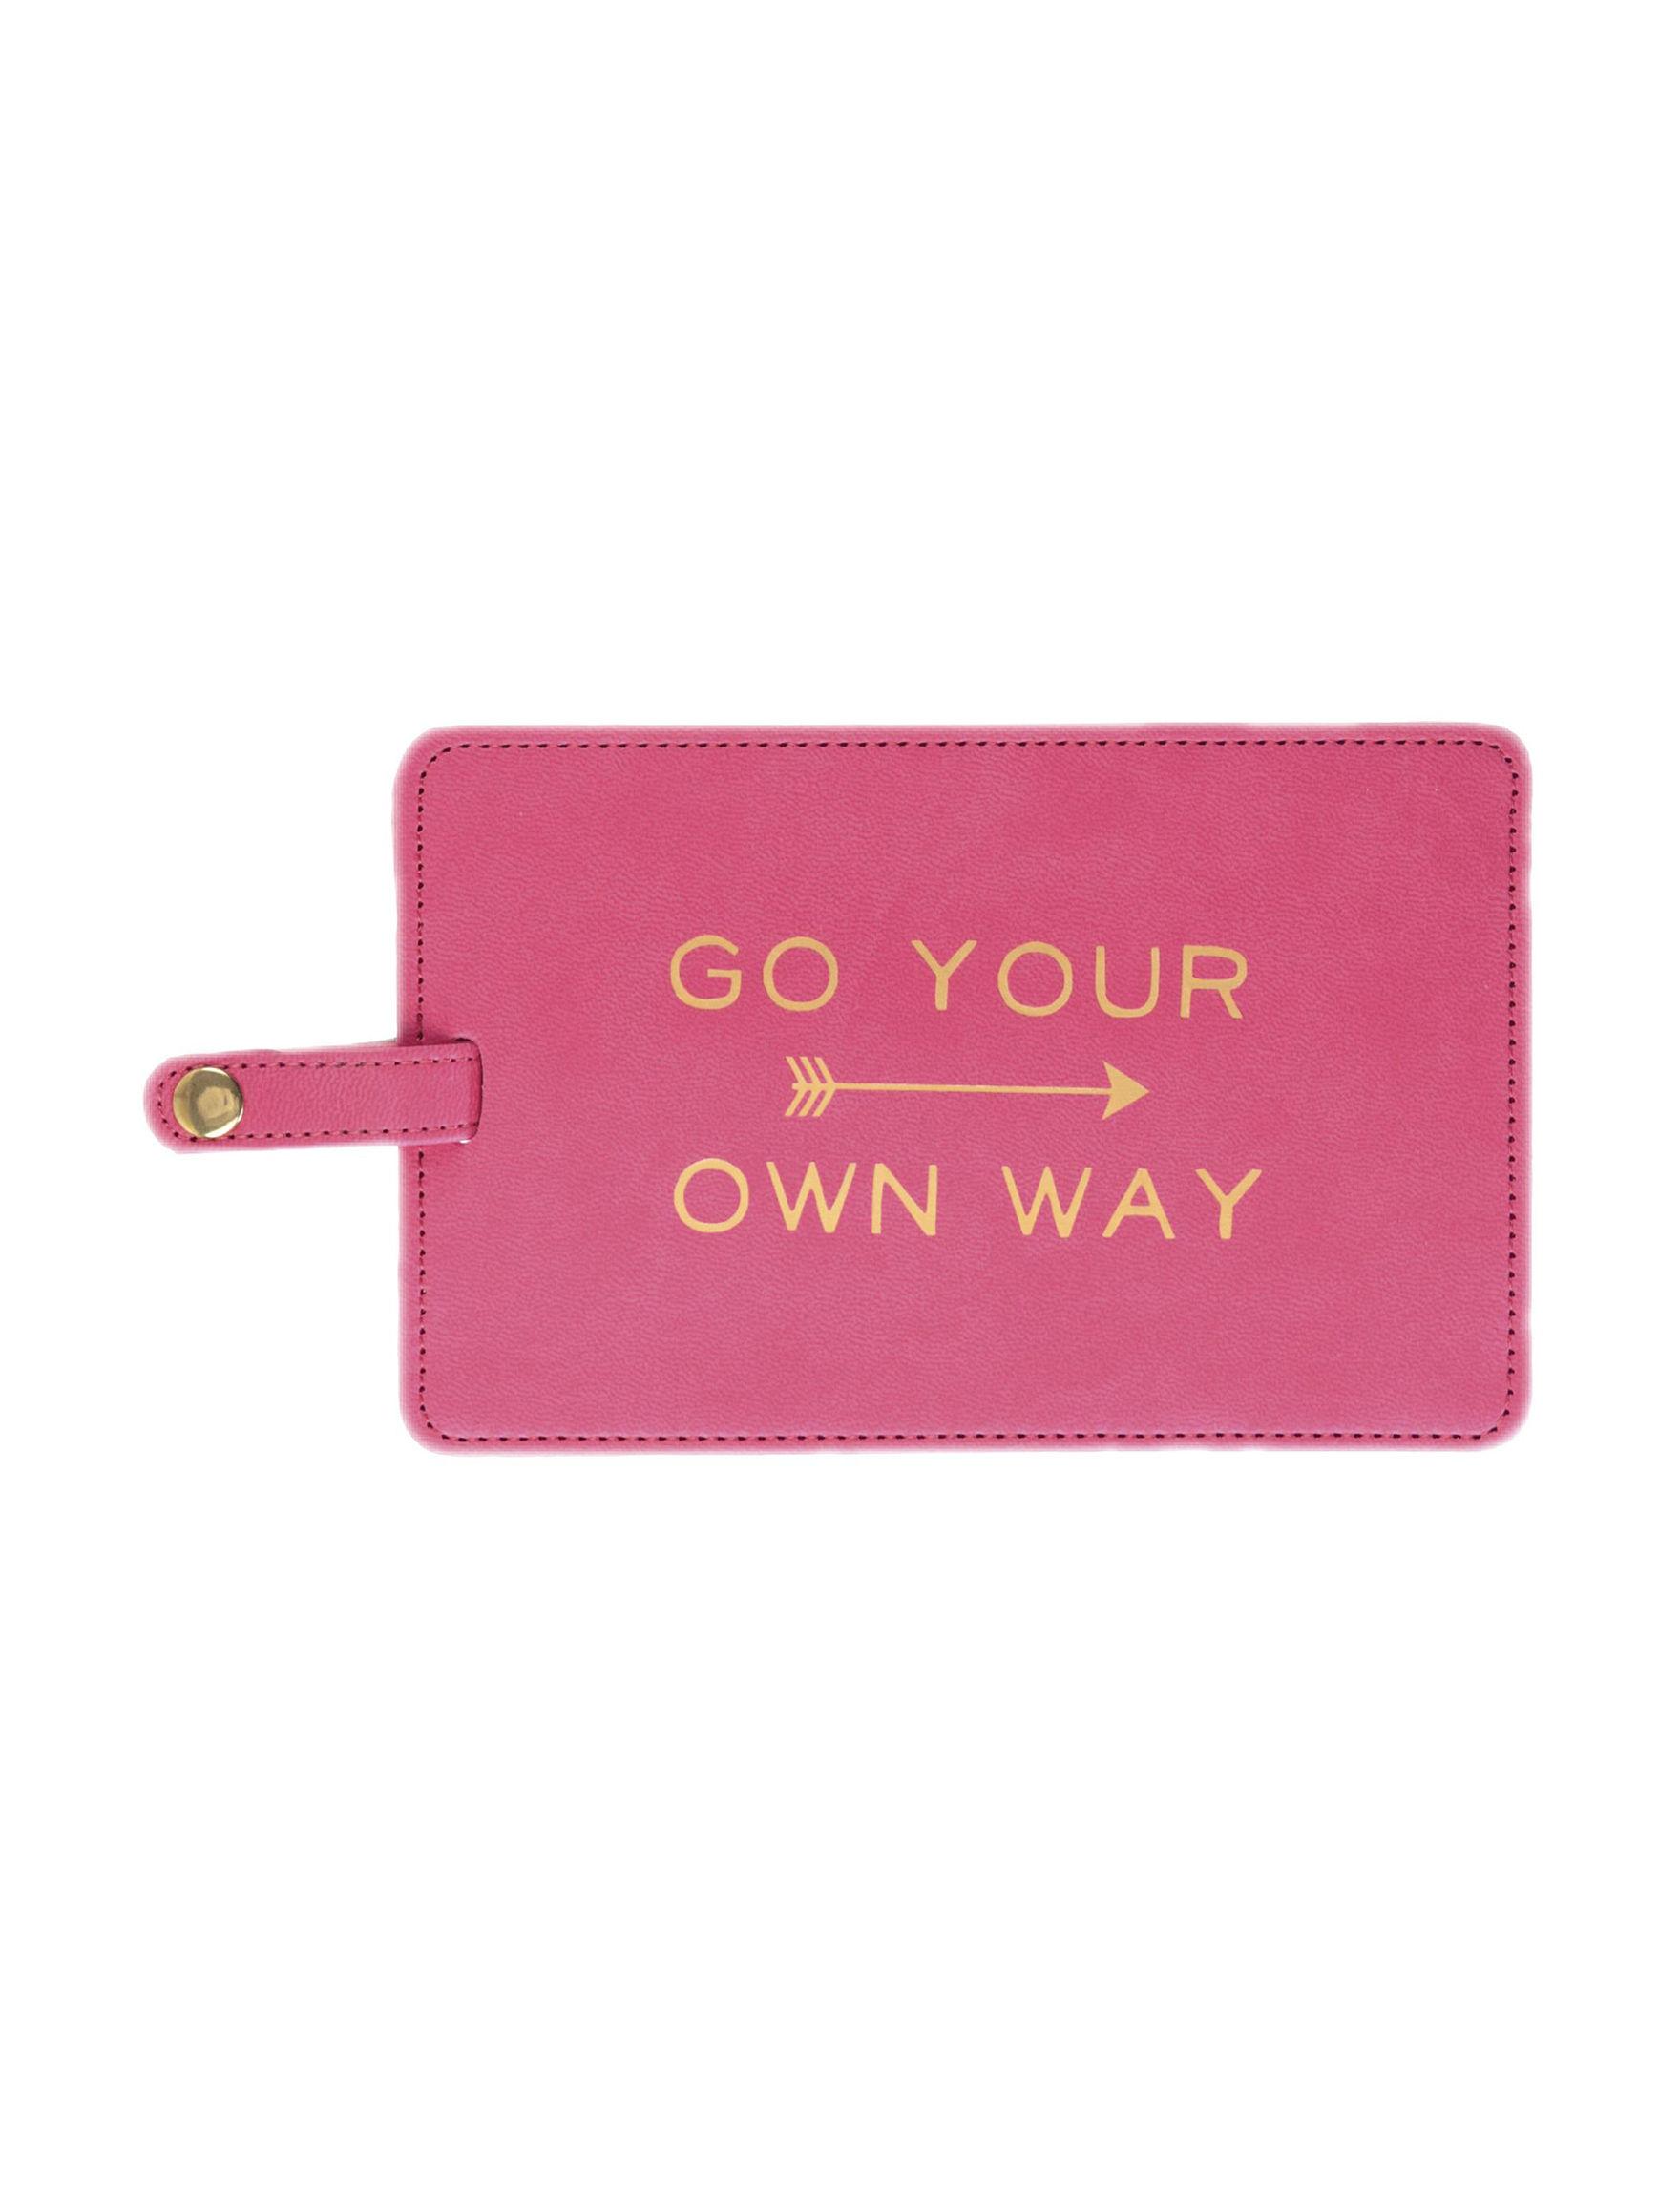 Eccolo Pink Travel Accessories